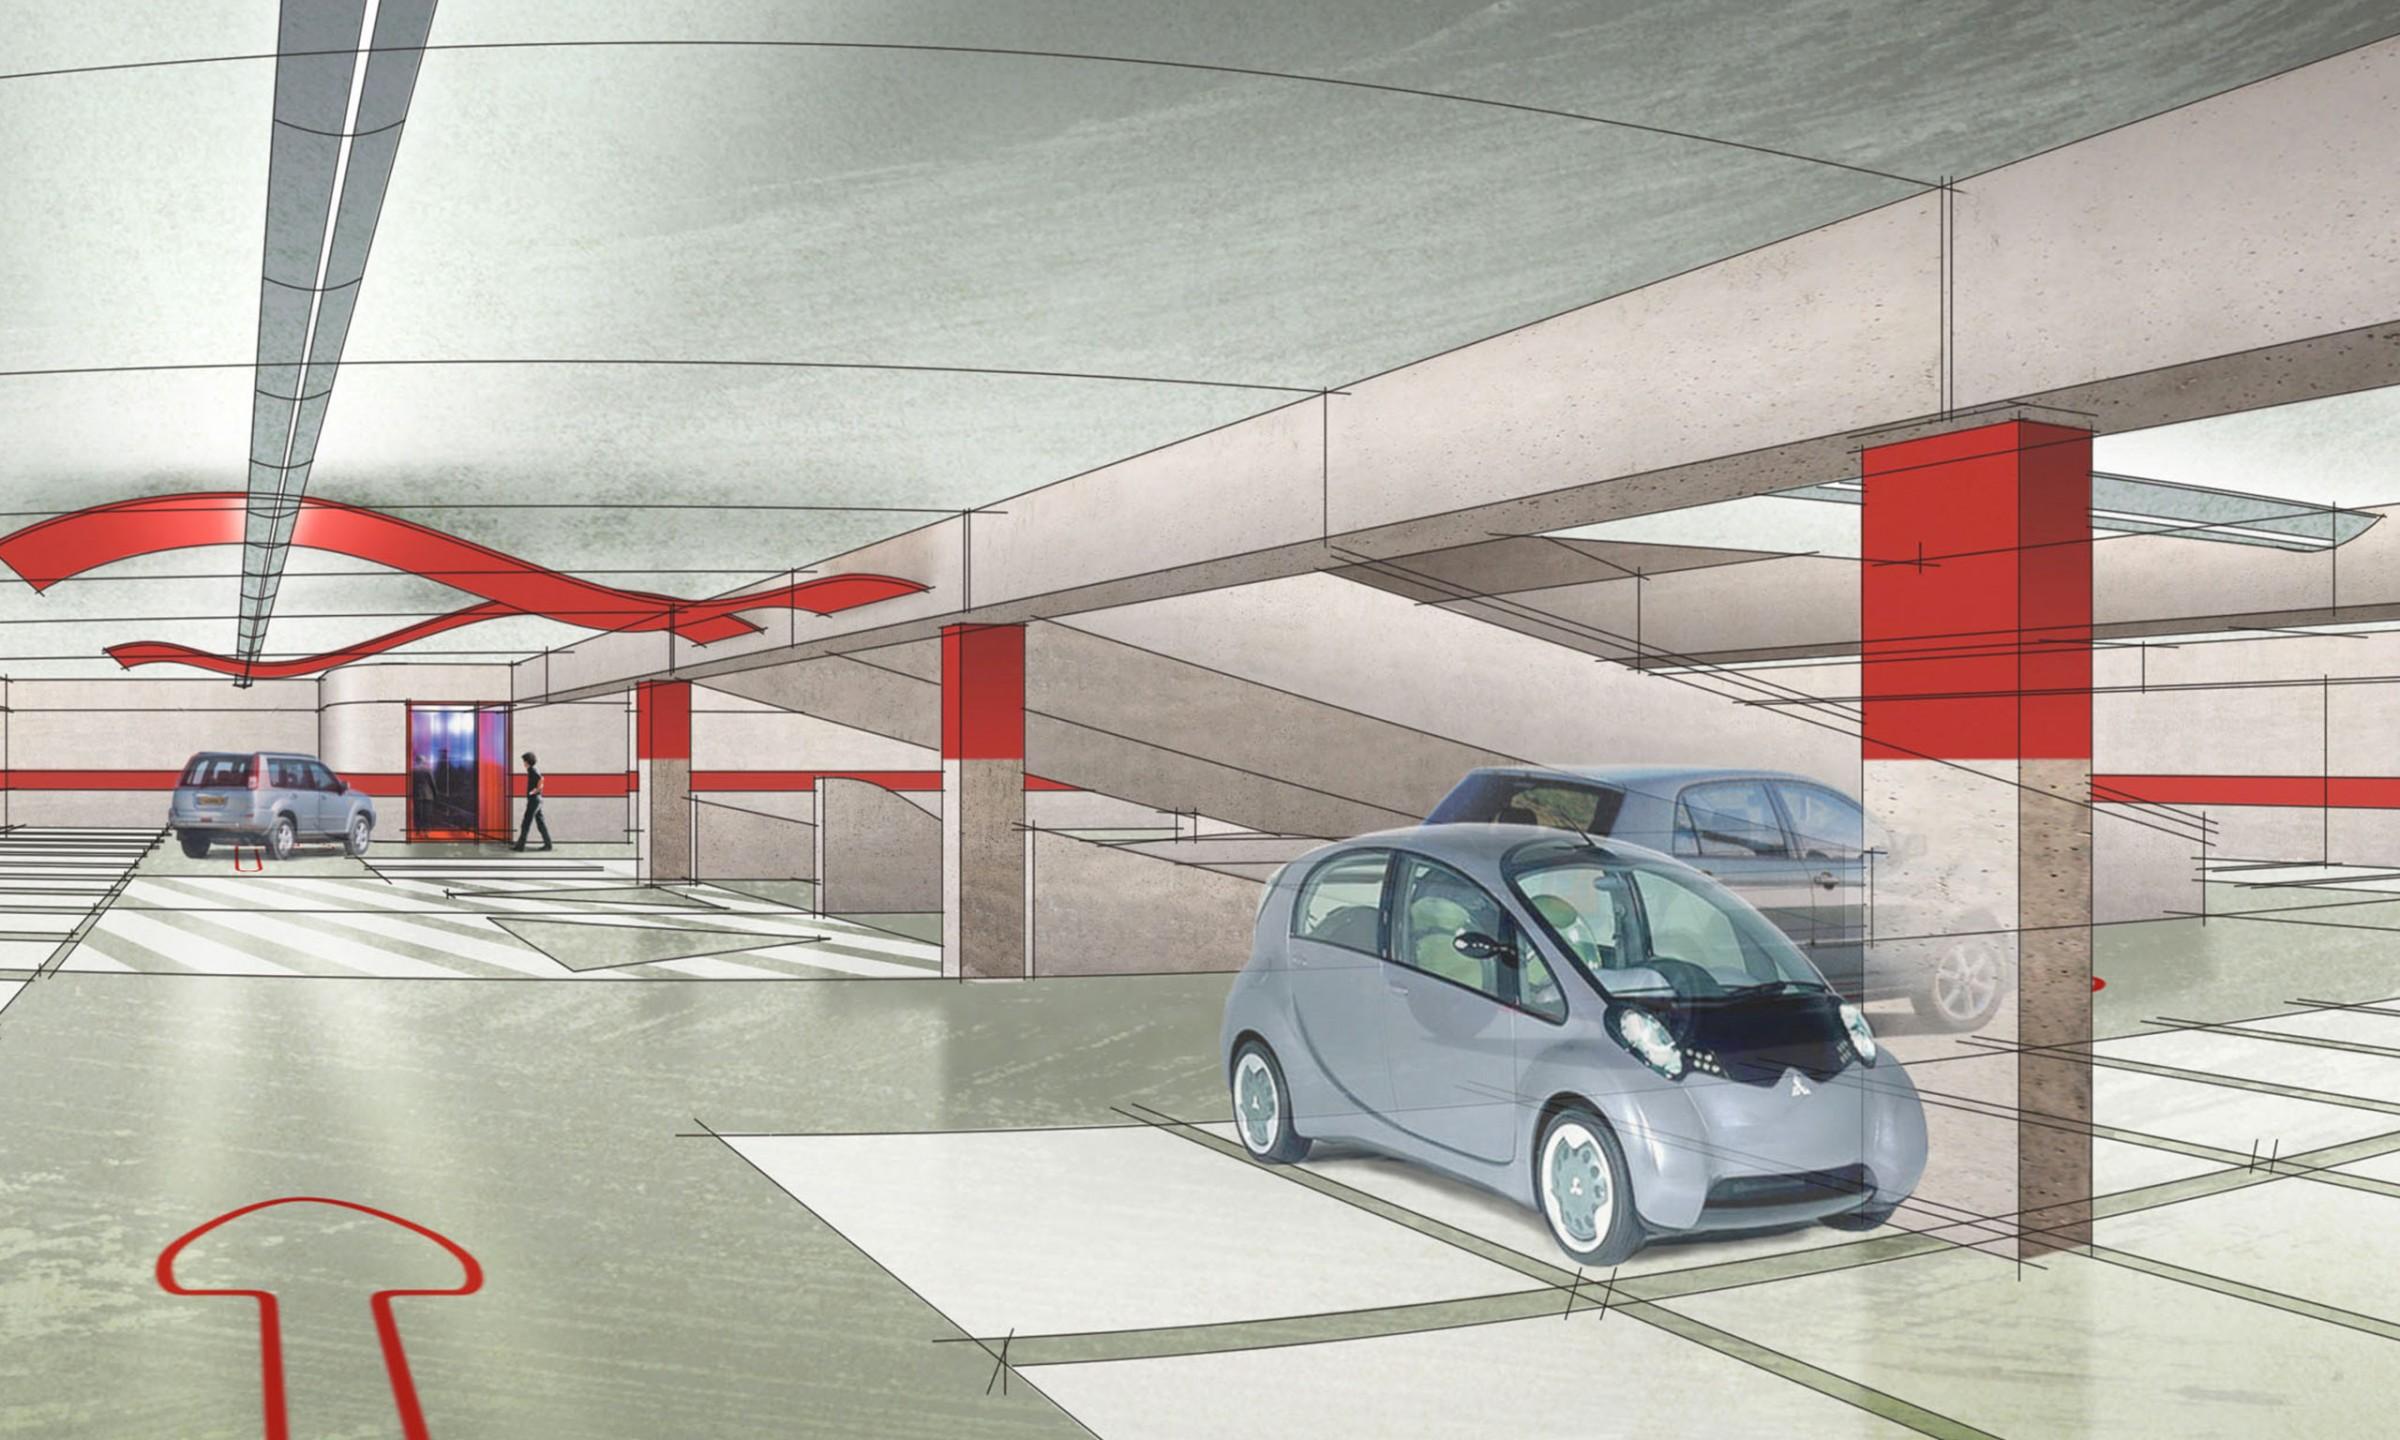 Parking Expercieux - PARC DE STATIONNEMENT 500 PLACES Marseille (13)